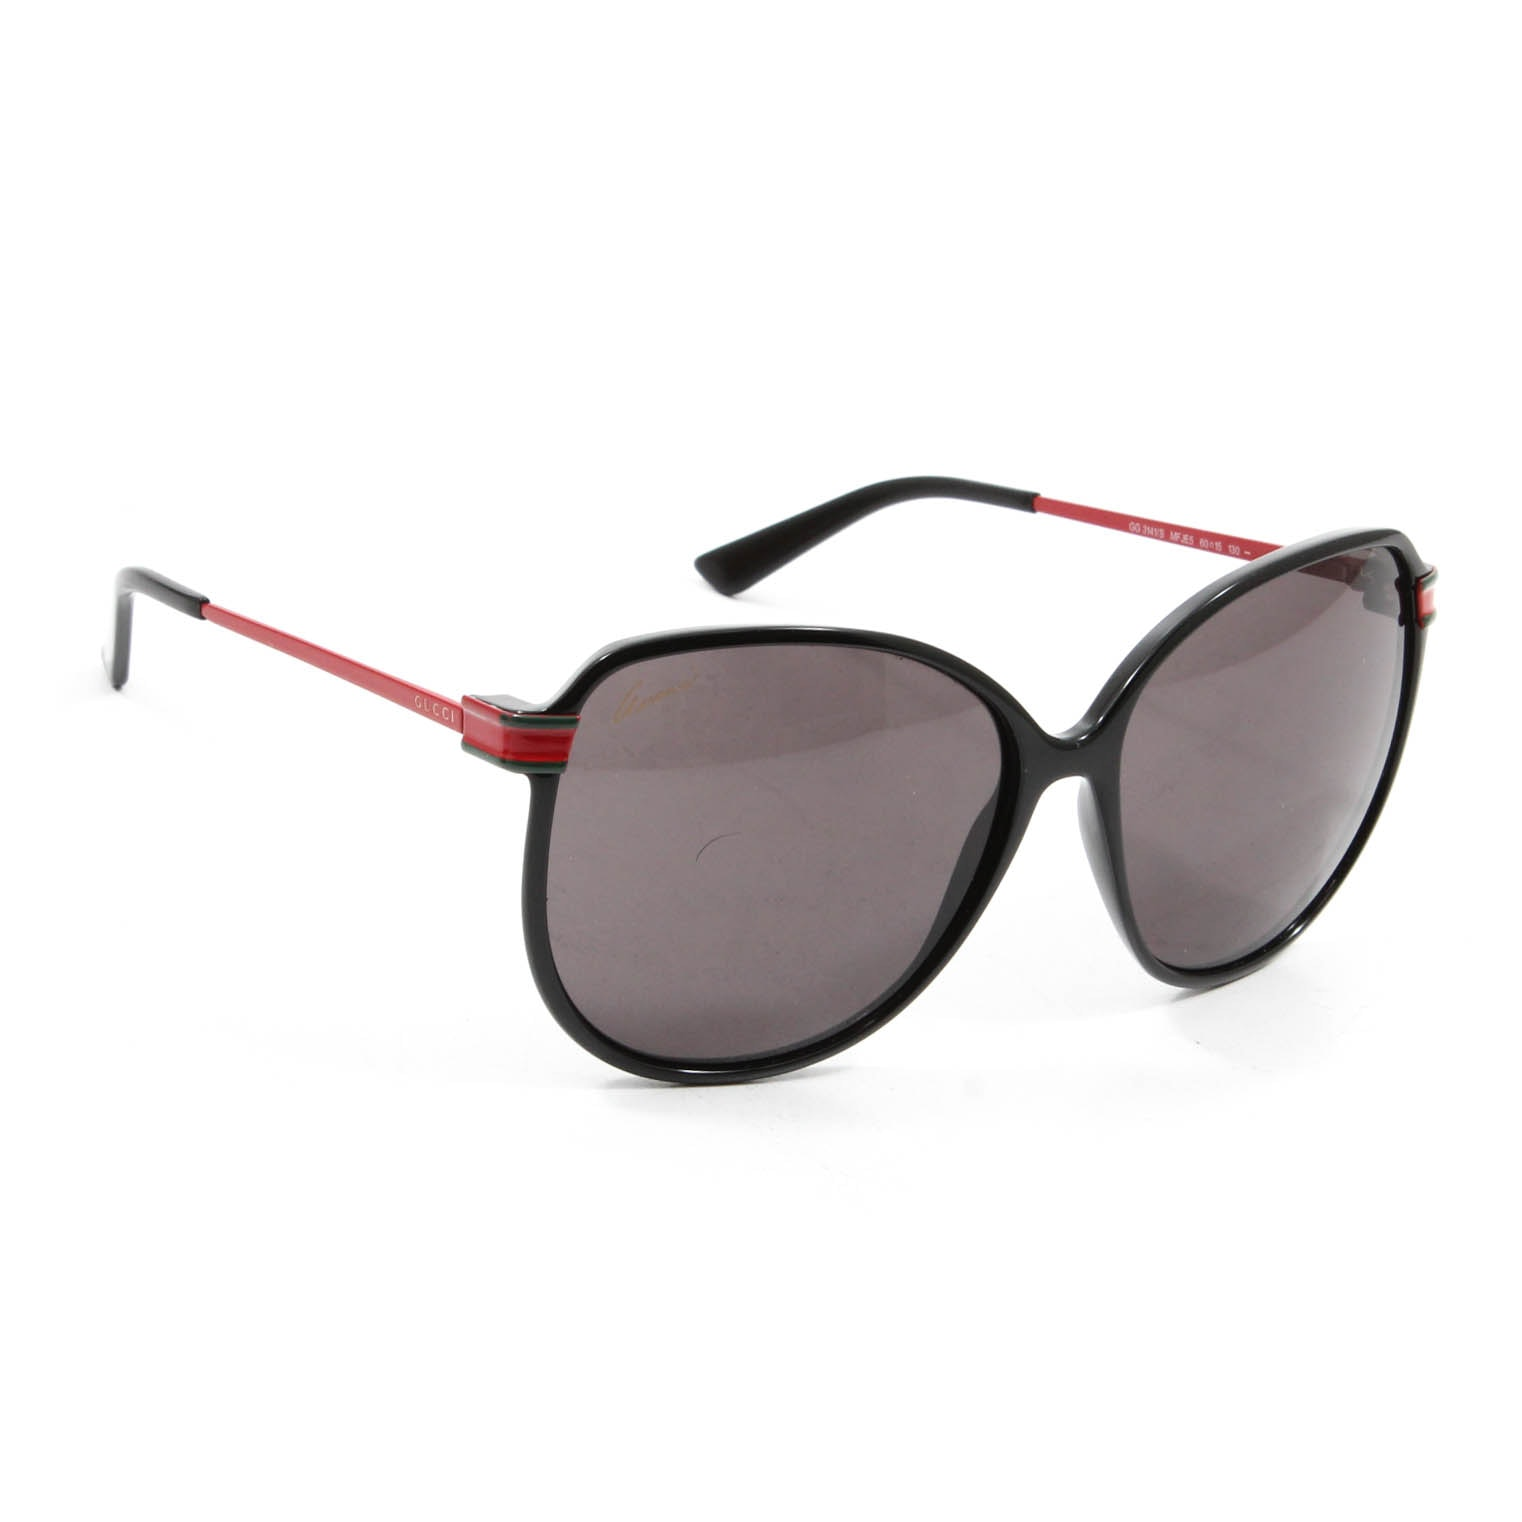 Gucci GG 3141/S Sunglasses